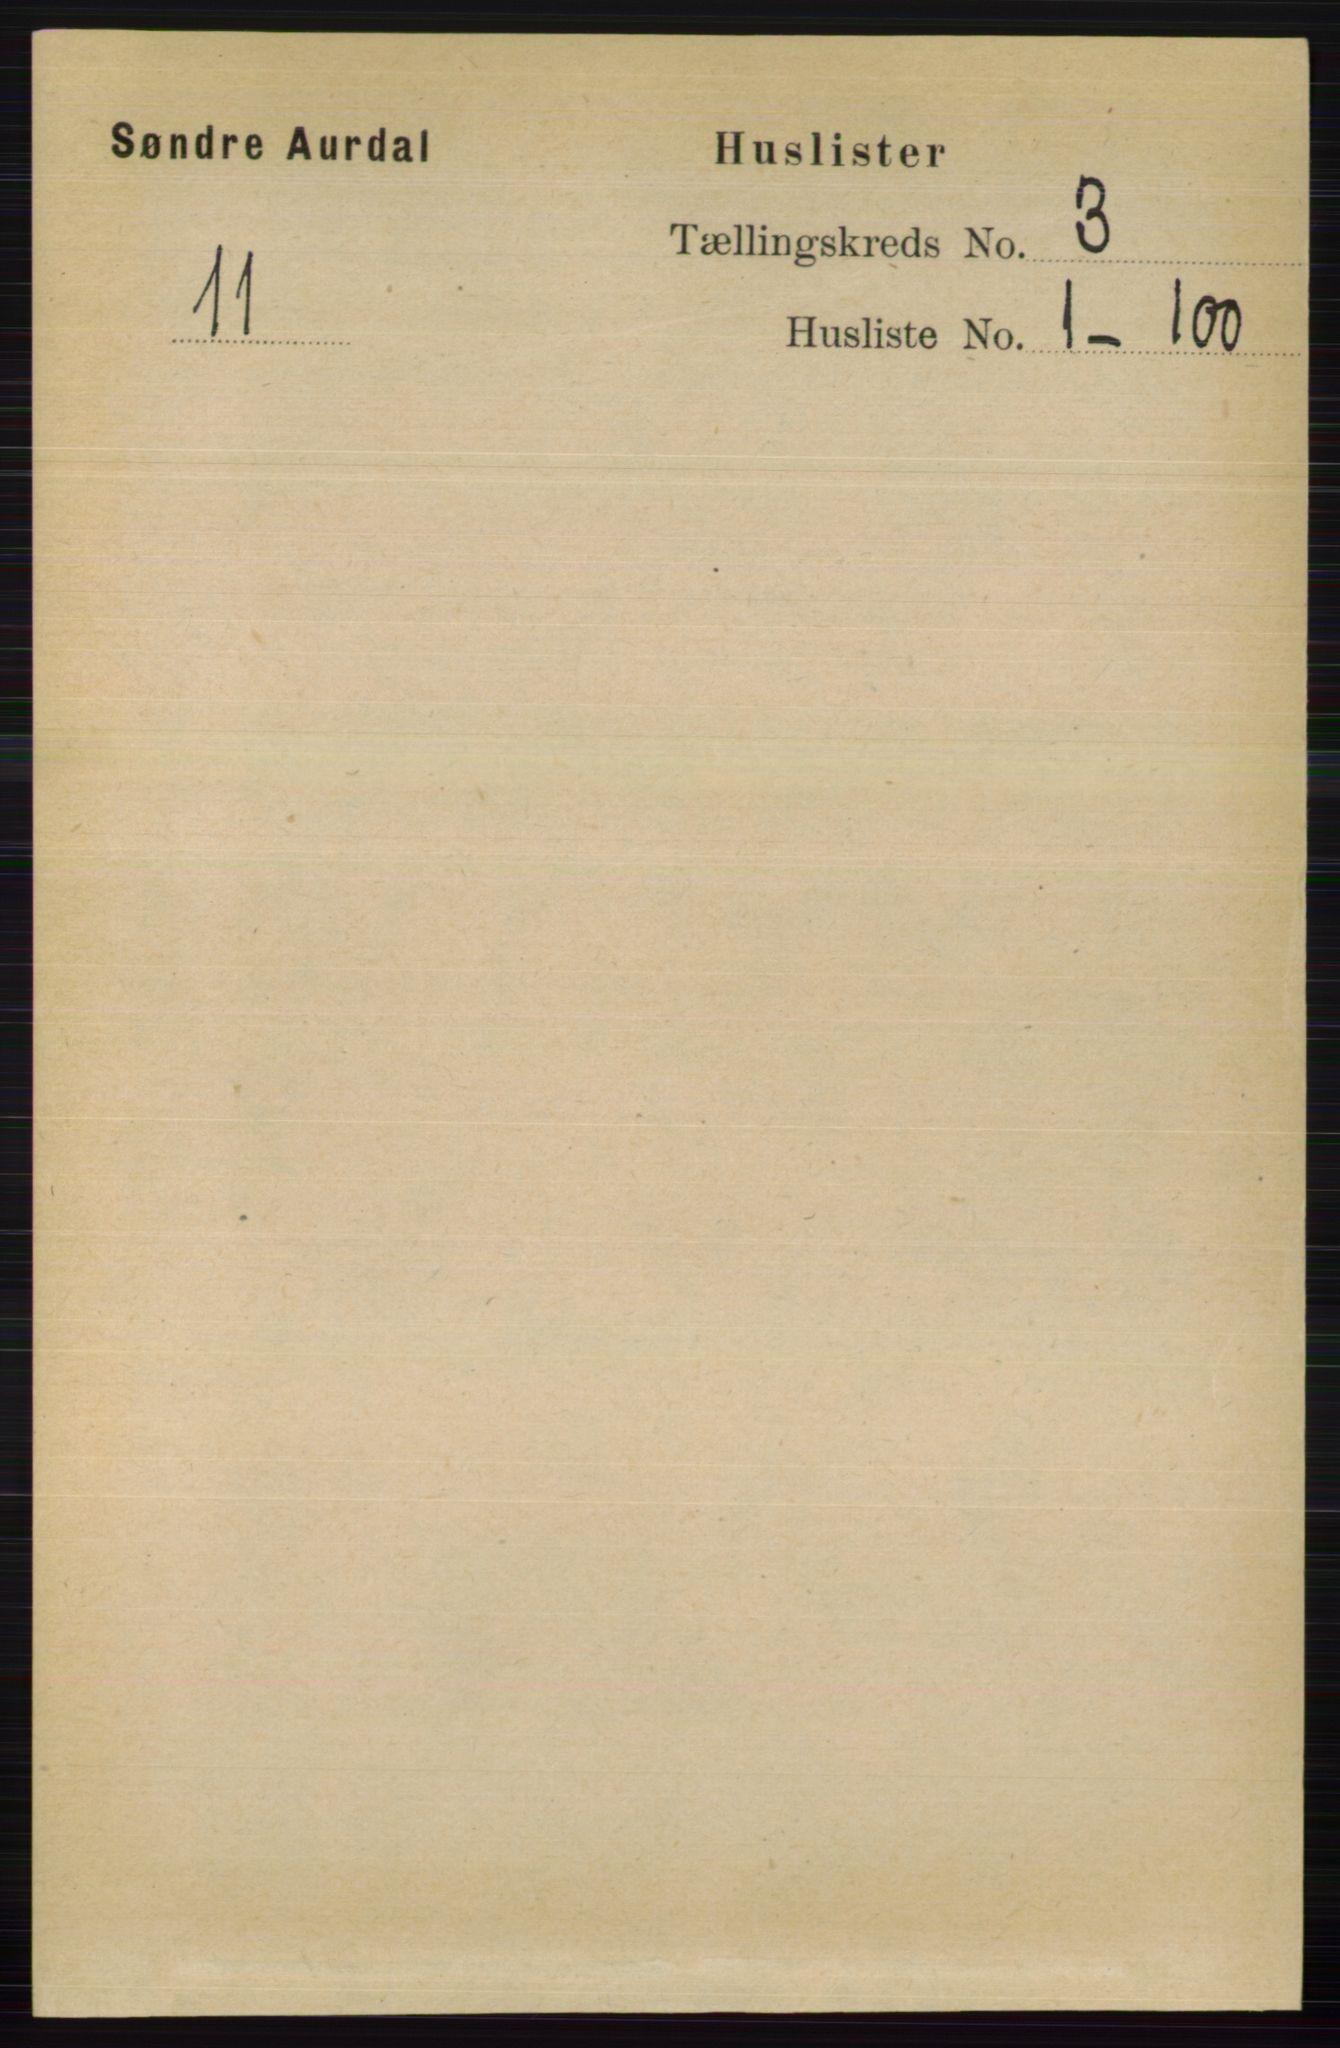 RA, Folketelling 1891 for 0540 Sør-Aurdal herred, 1891, s. 1566